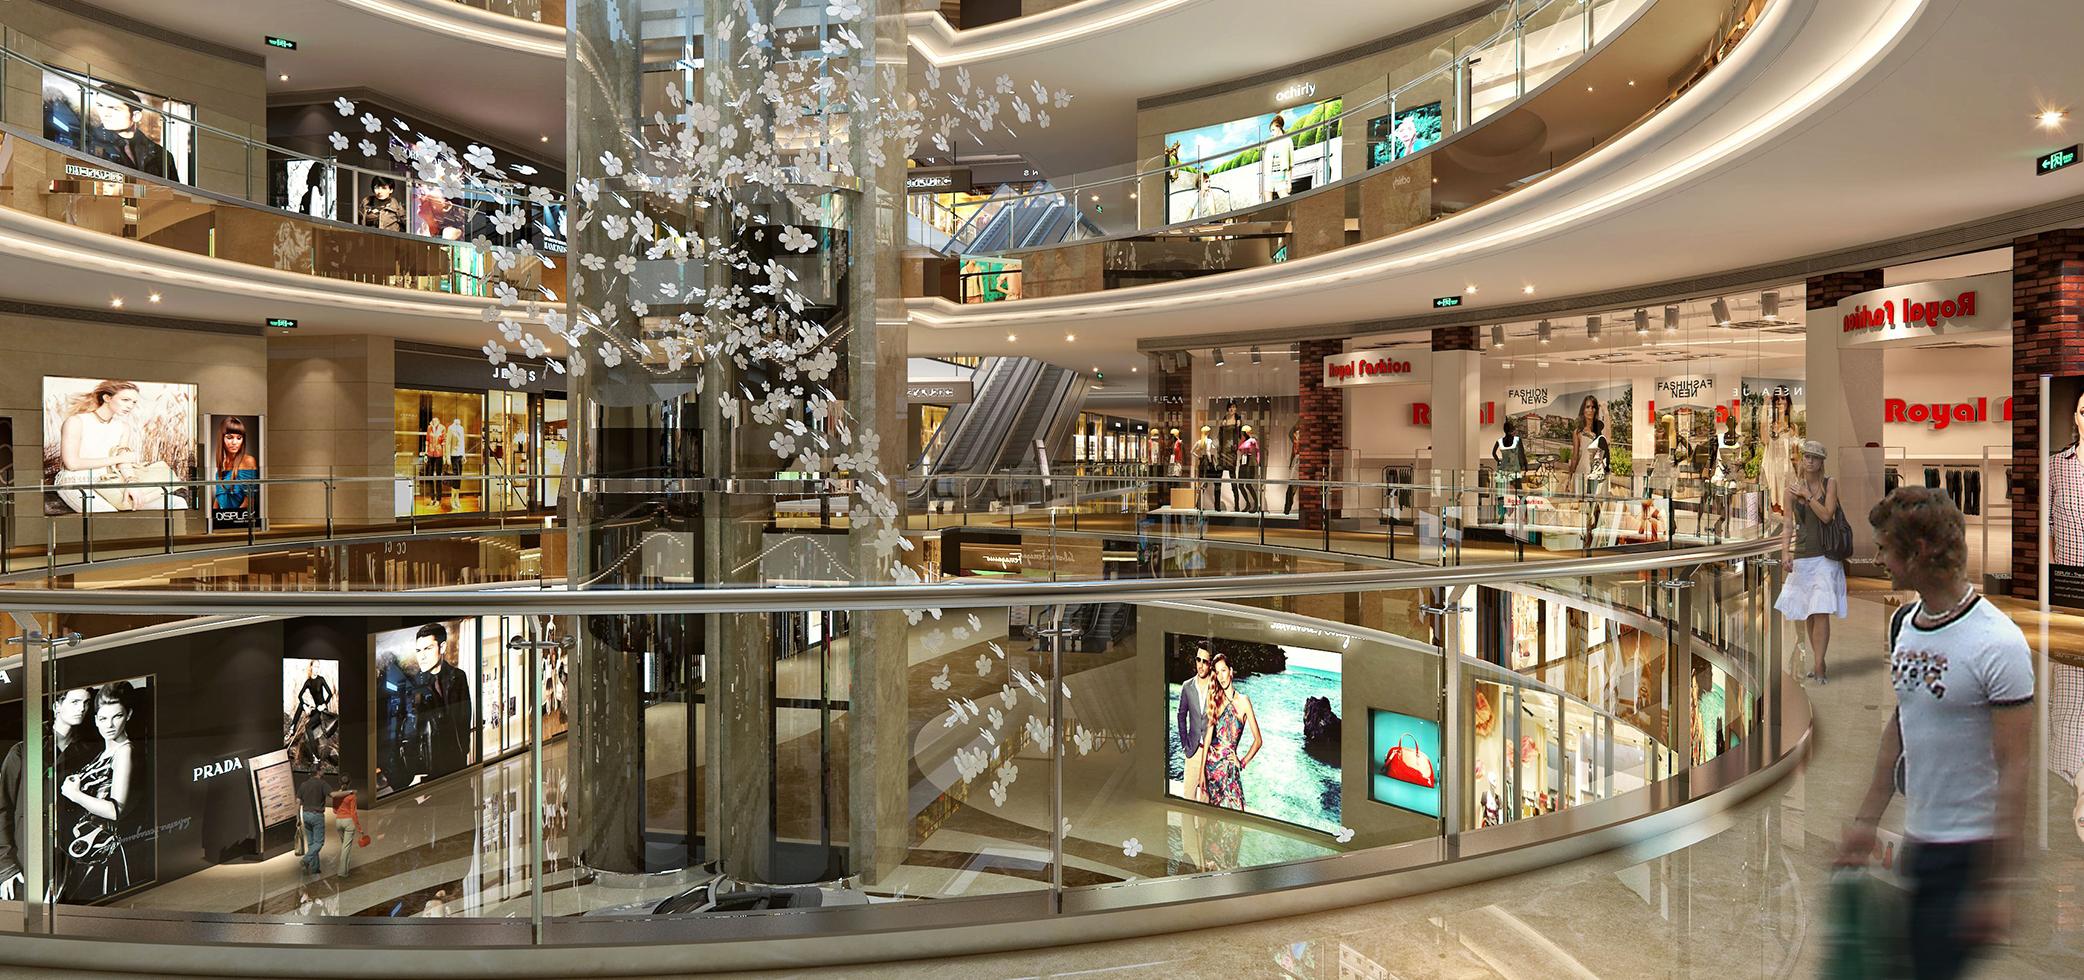 Mall guardrail